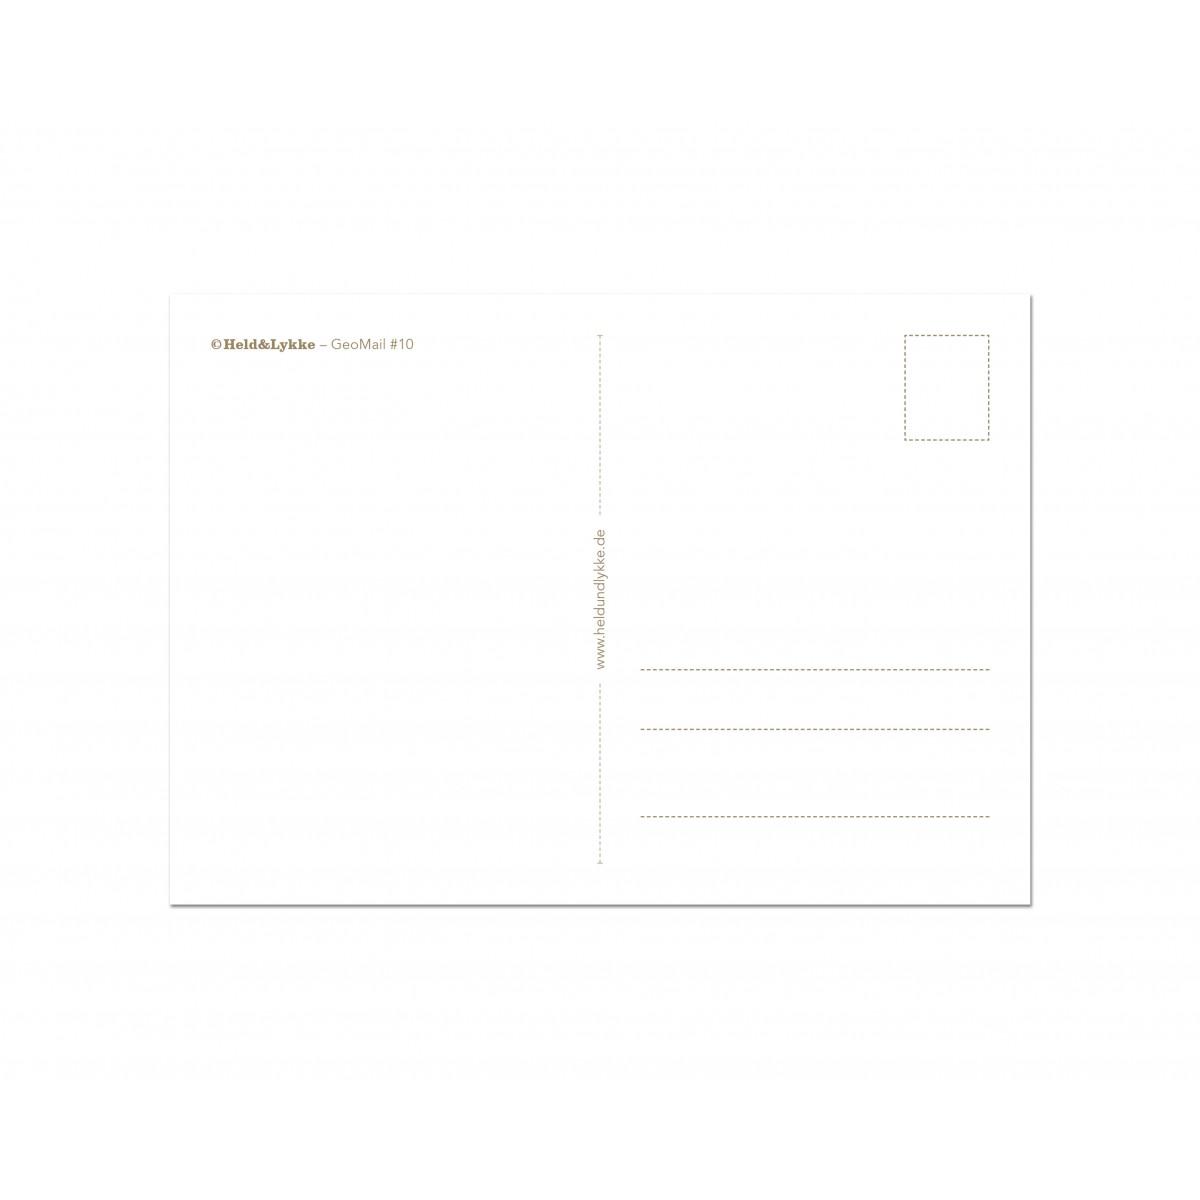 """Held&Lykke 3 Weihnachtskarten """"GeoMail II"""""""